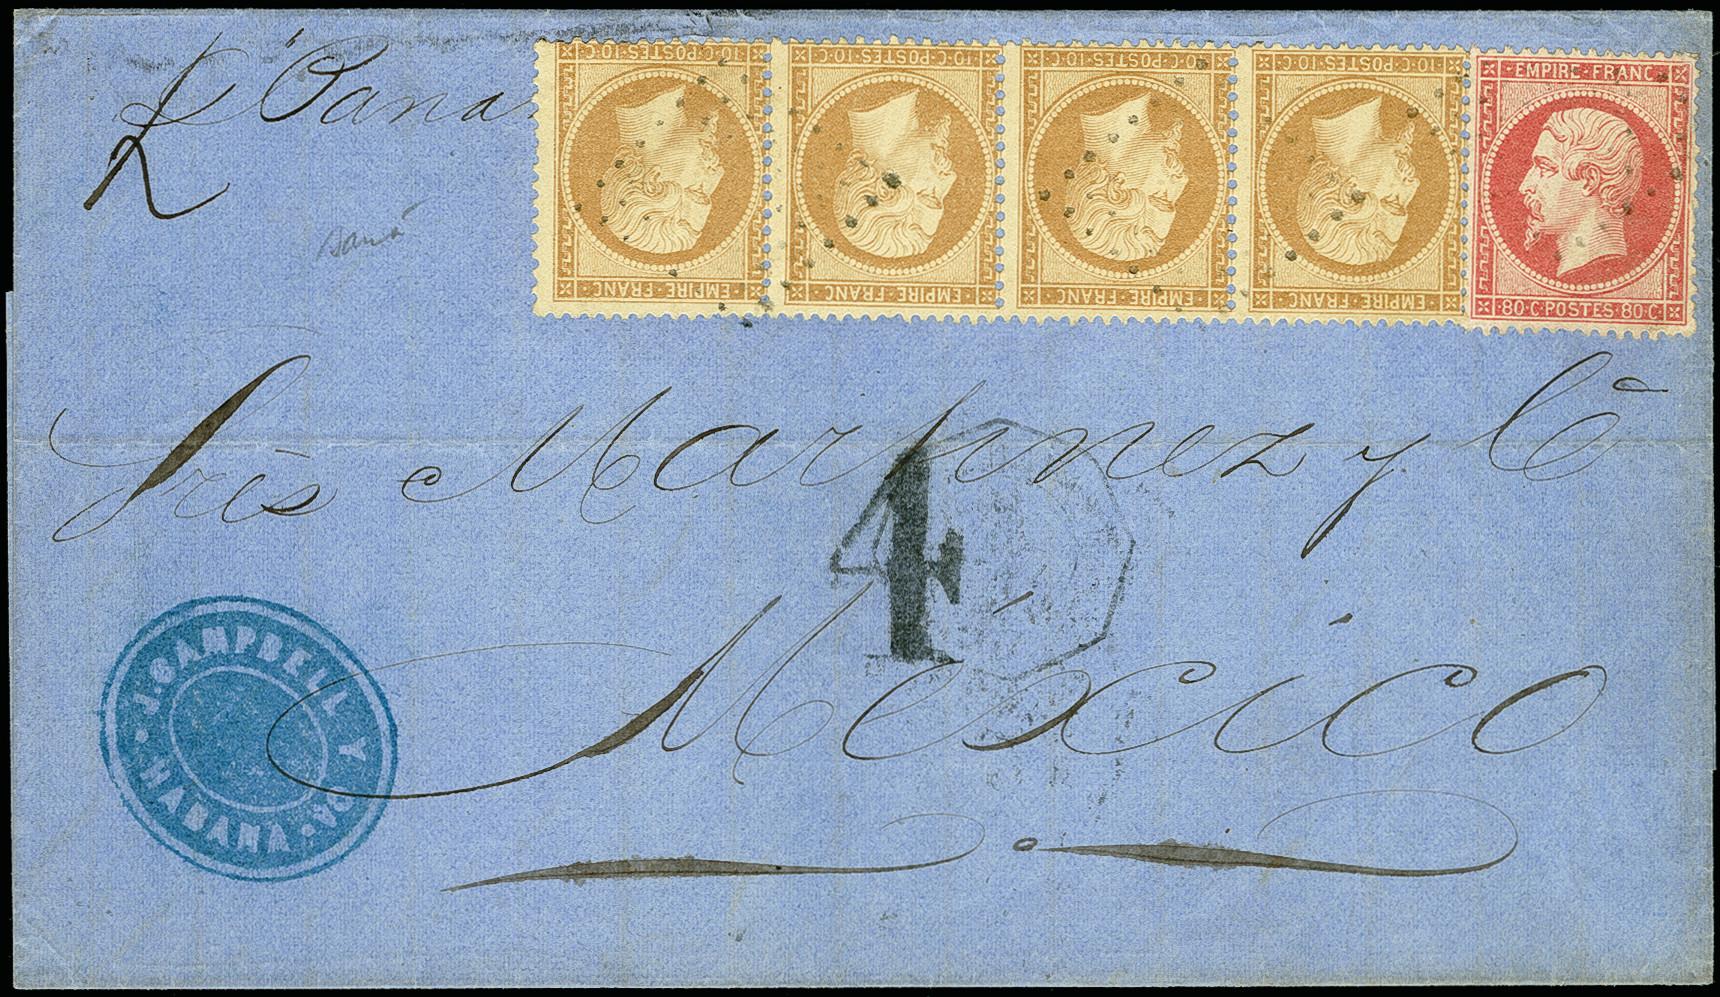 Lot 1295 - europa France -  Heinrich Koehler Auktionen 375rd Heinrich Köhler auction - Day 1